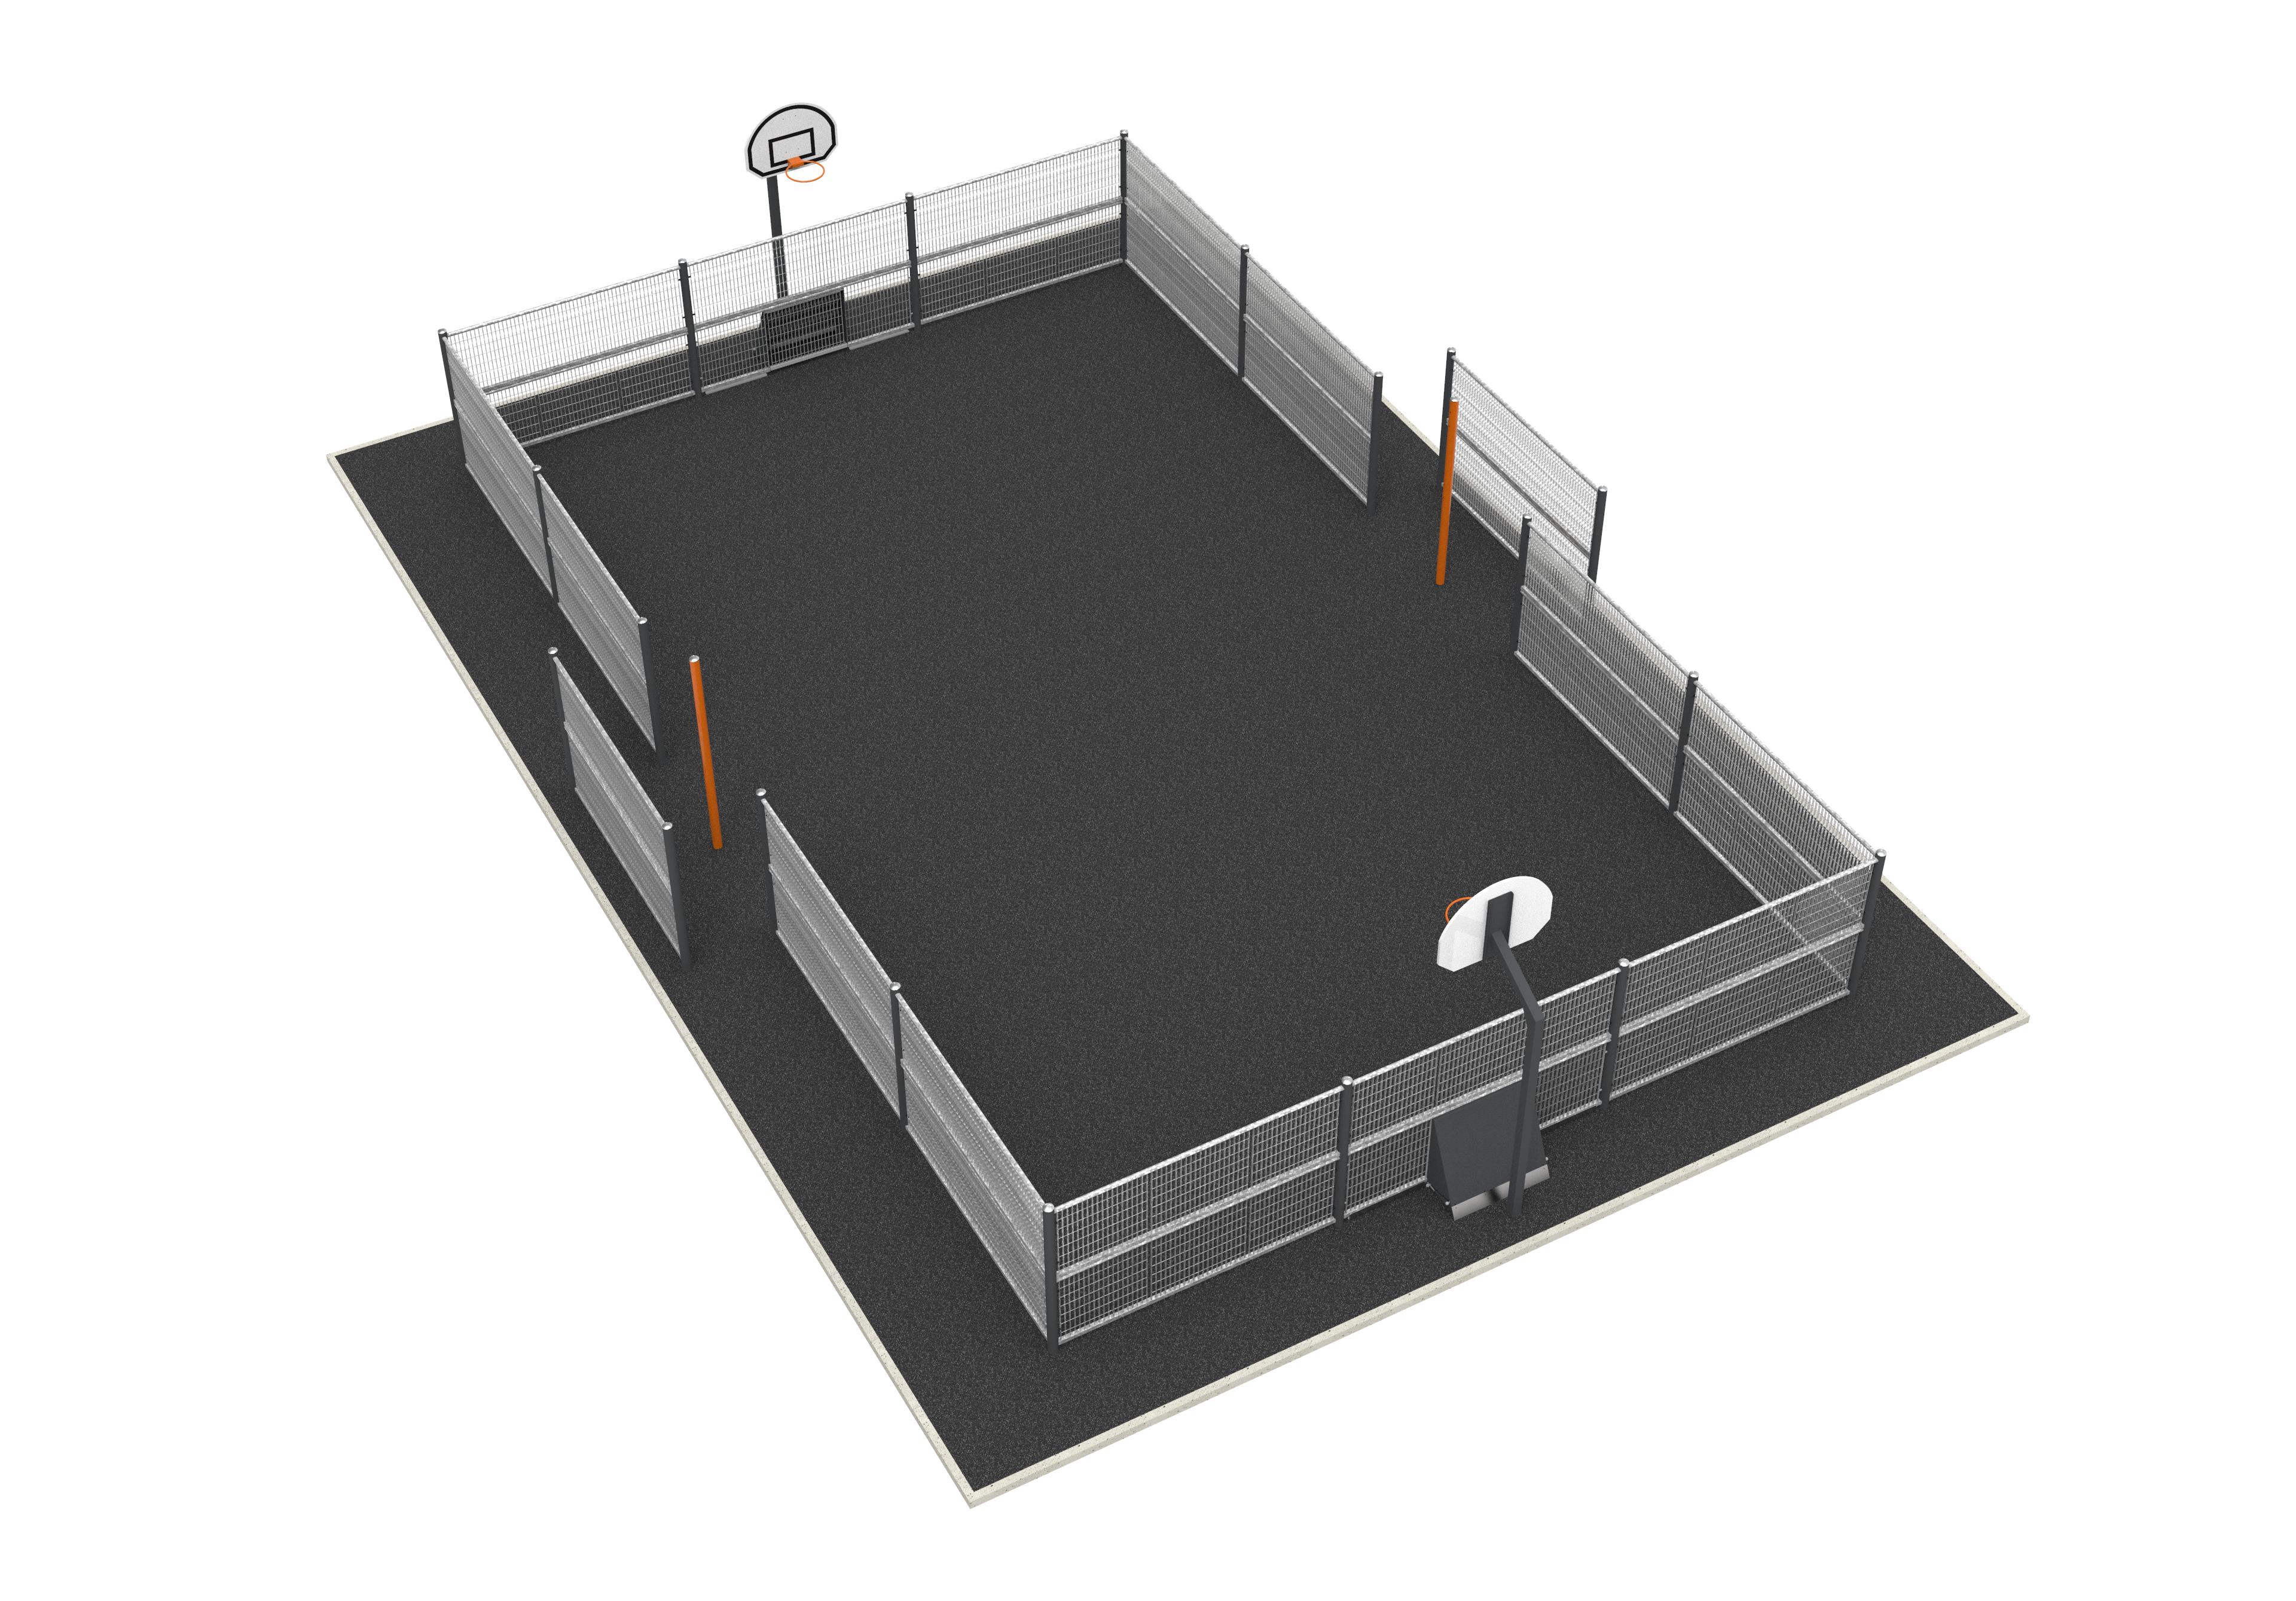 Terrain multisports ARENA 15,2 m x 9.6 m